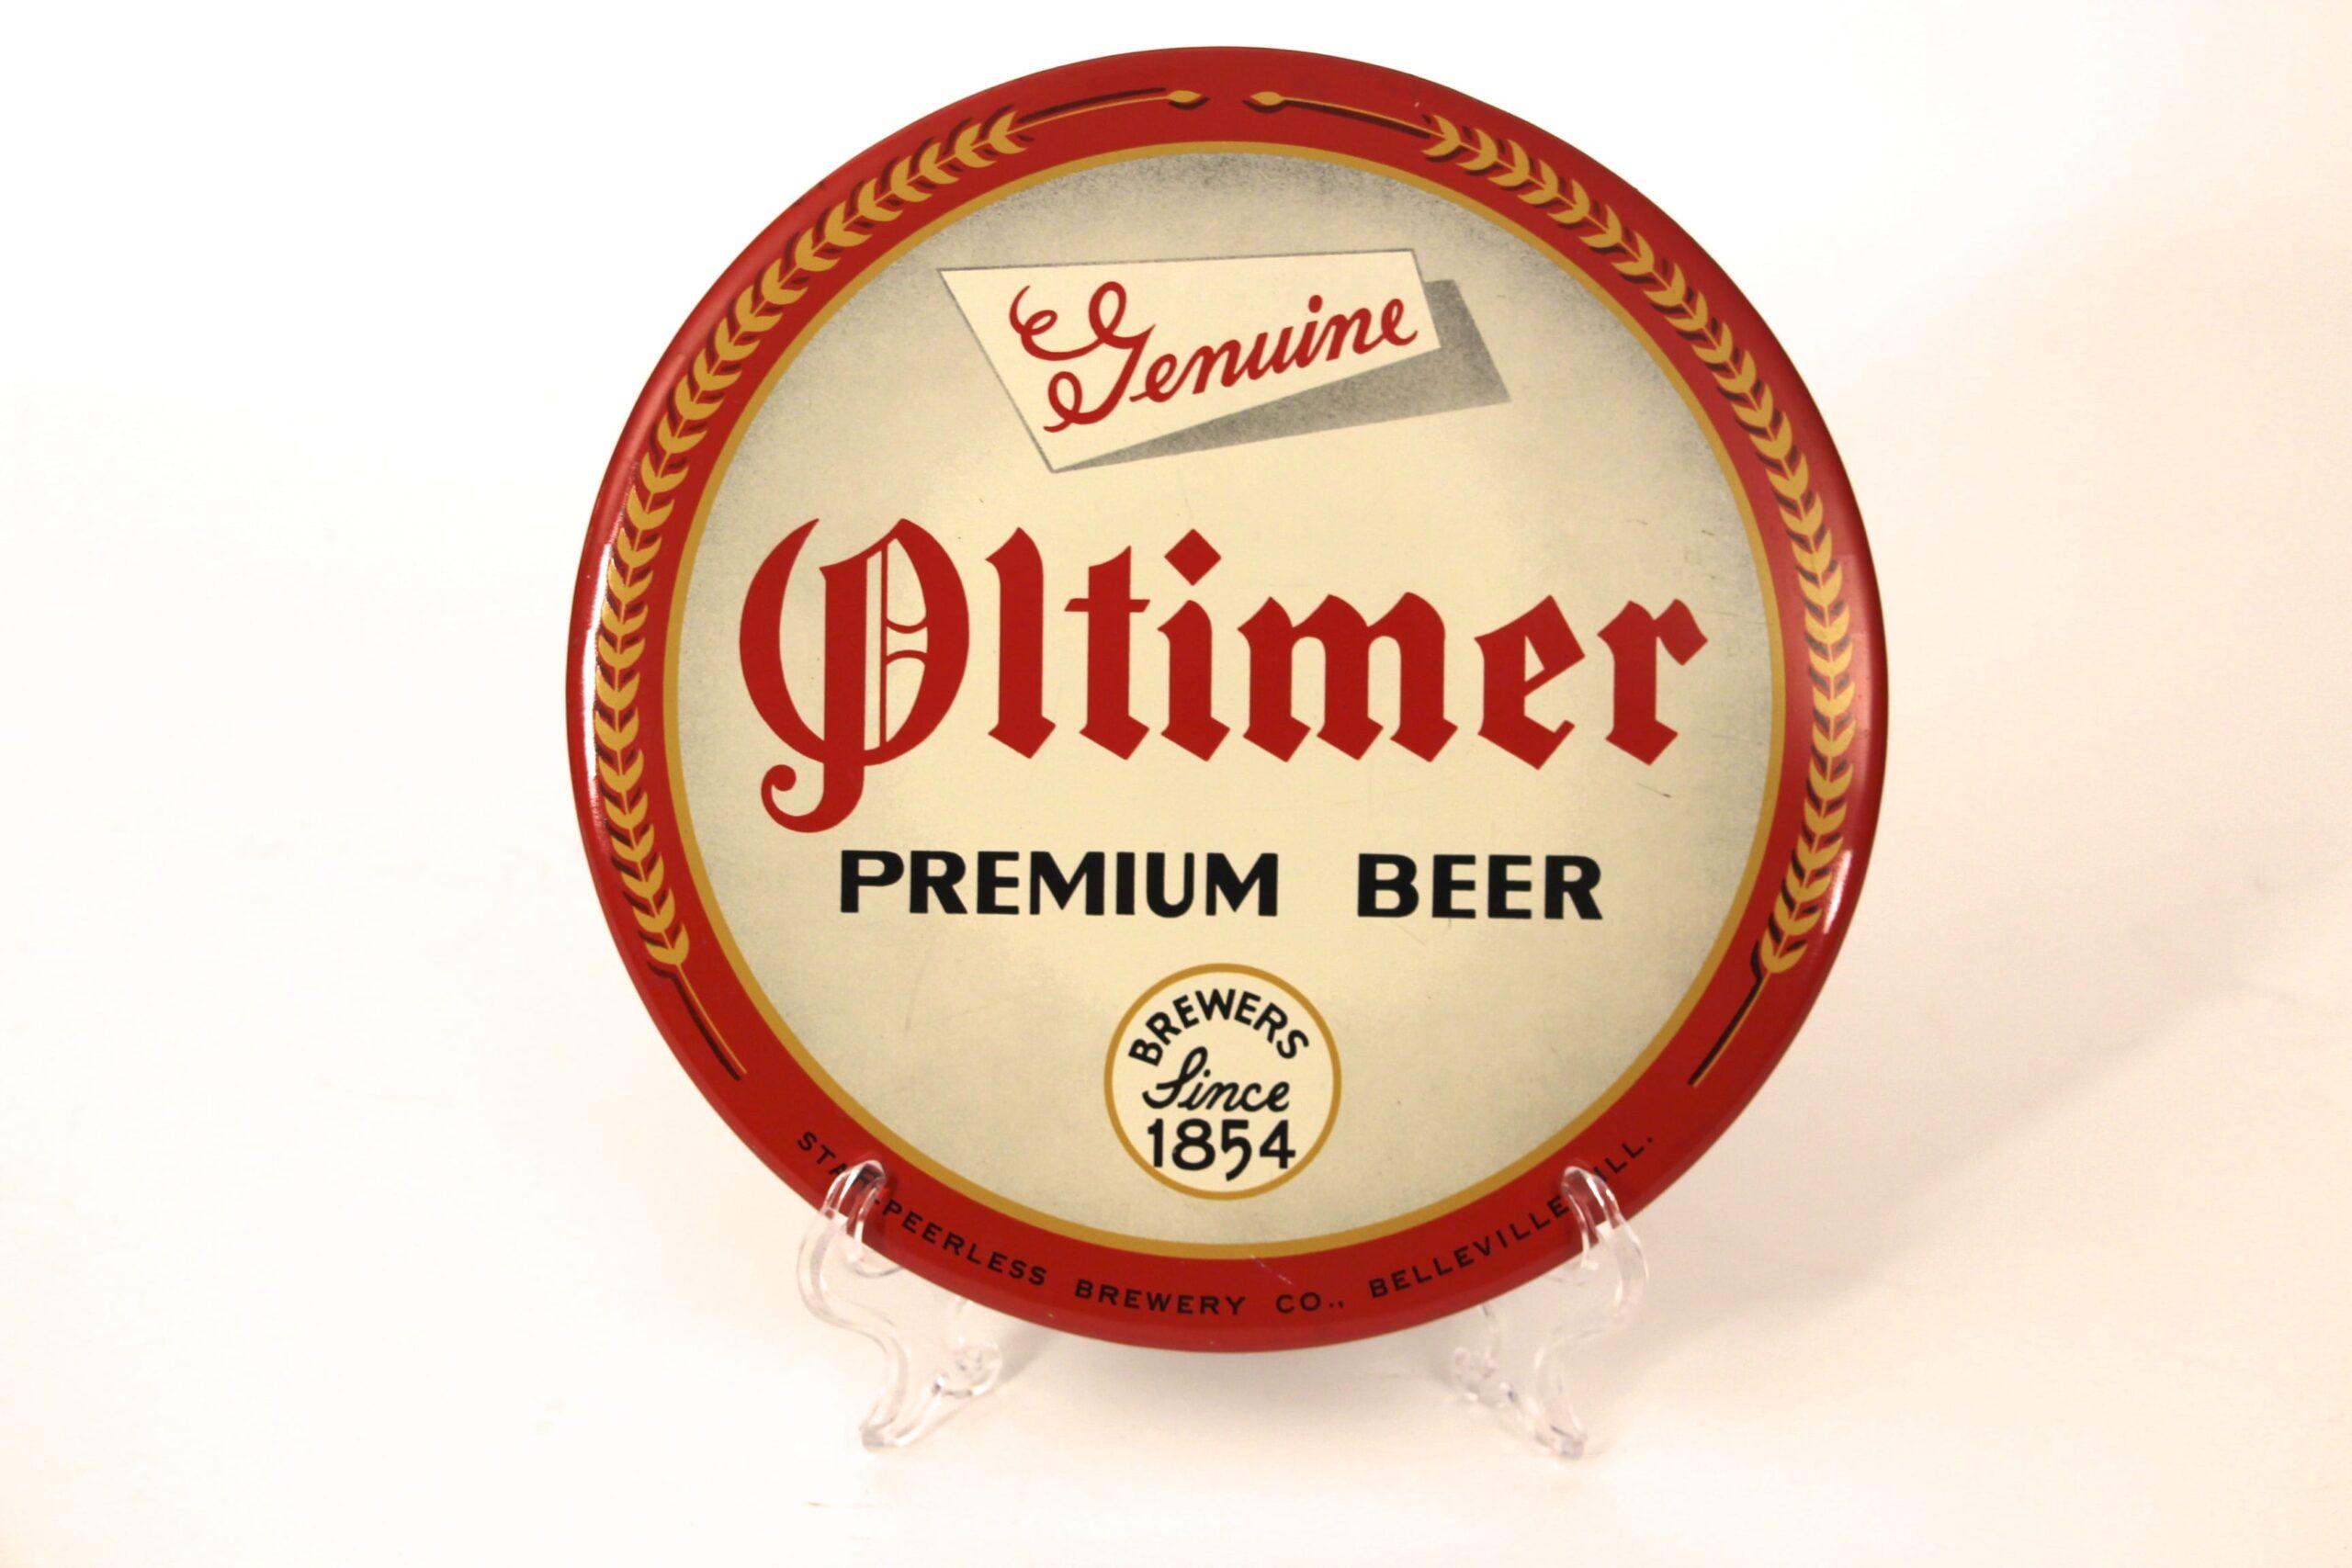 Oltimer Beer Celluloid Over Cardboard Button Sign, Belleville, IL